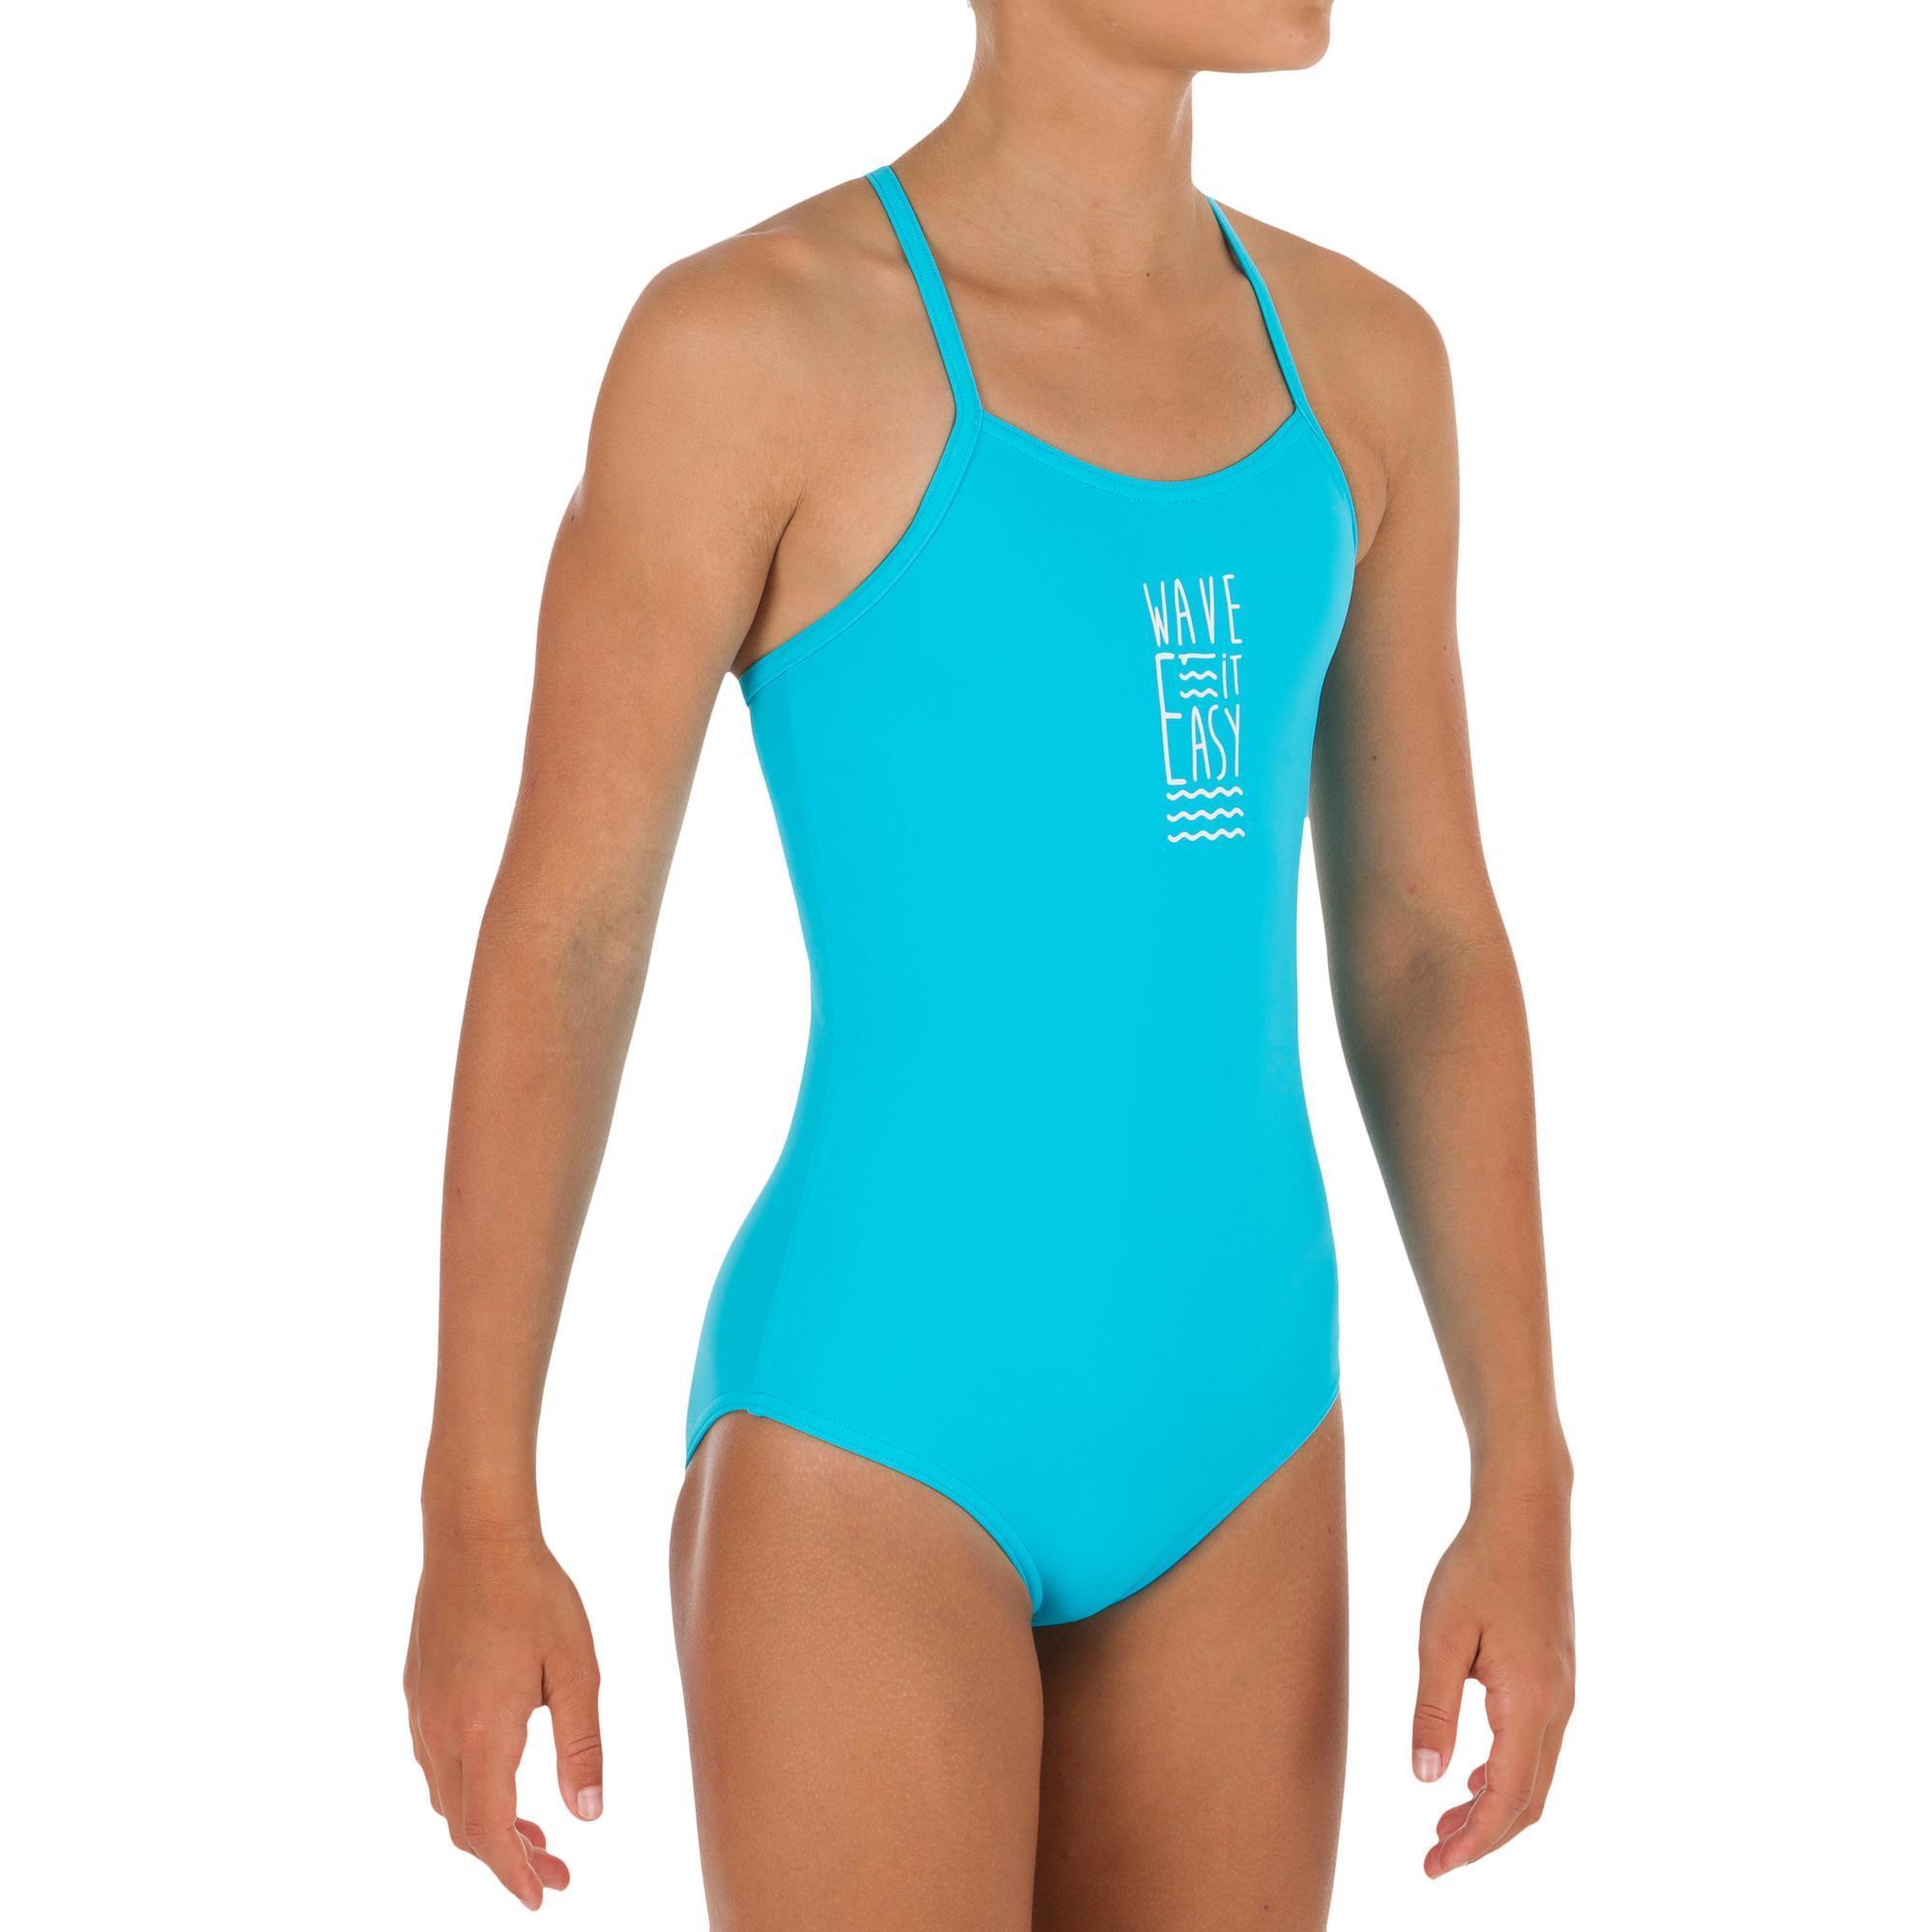 Olaian Halter badpak voor tienermeisjes Hanalei Wave It Easy blauw